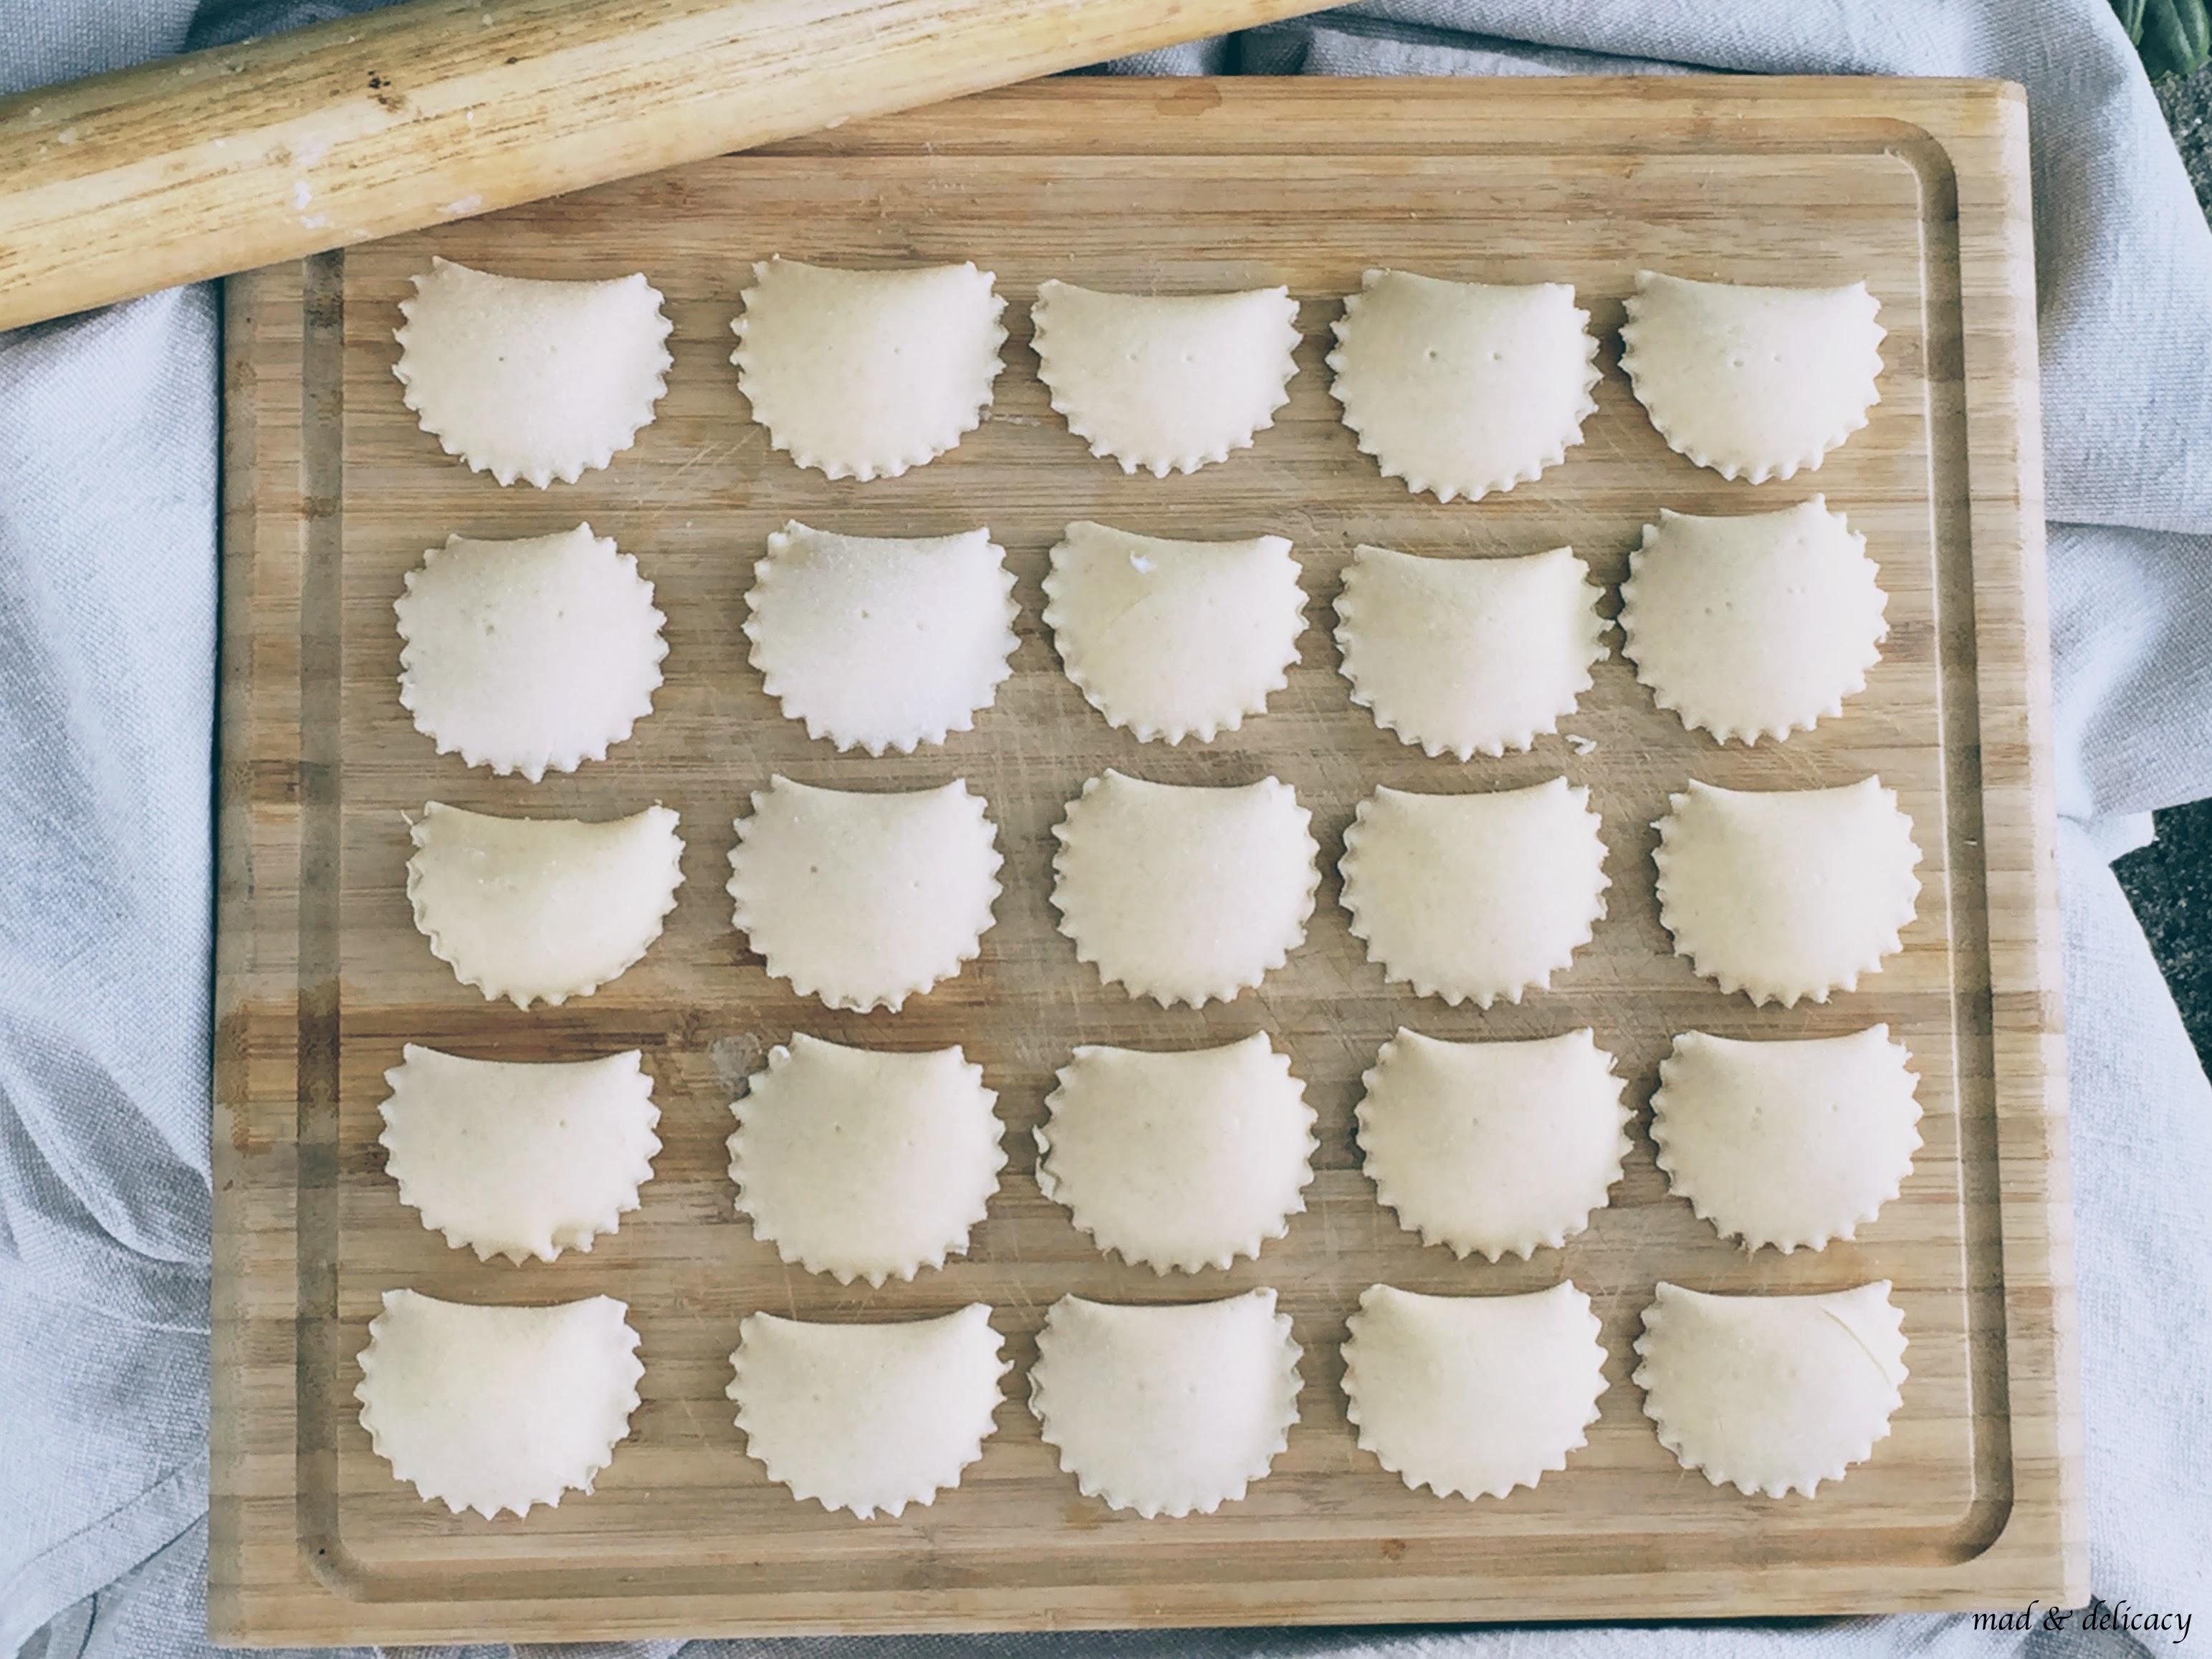 Homemade Sweet Ricotta calzoni from Matera